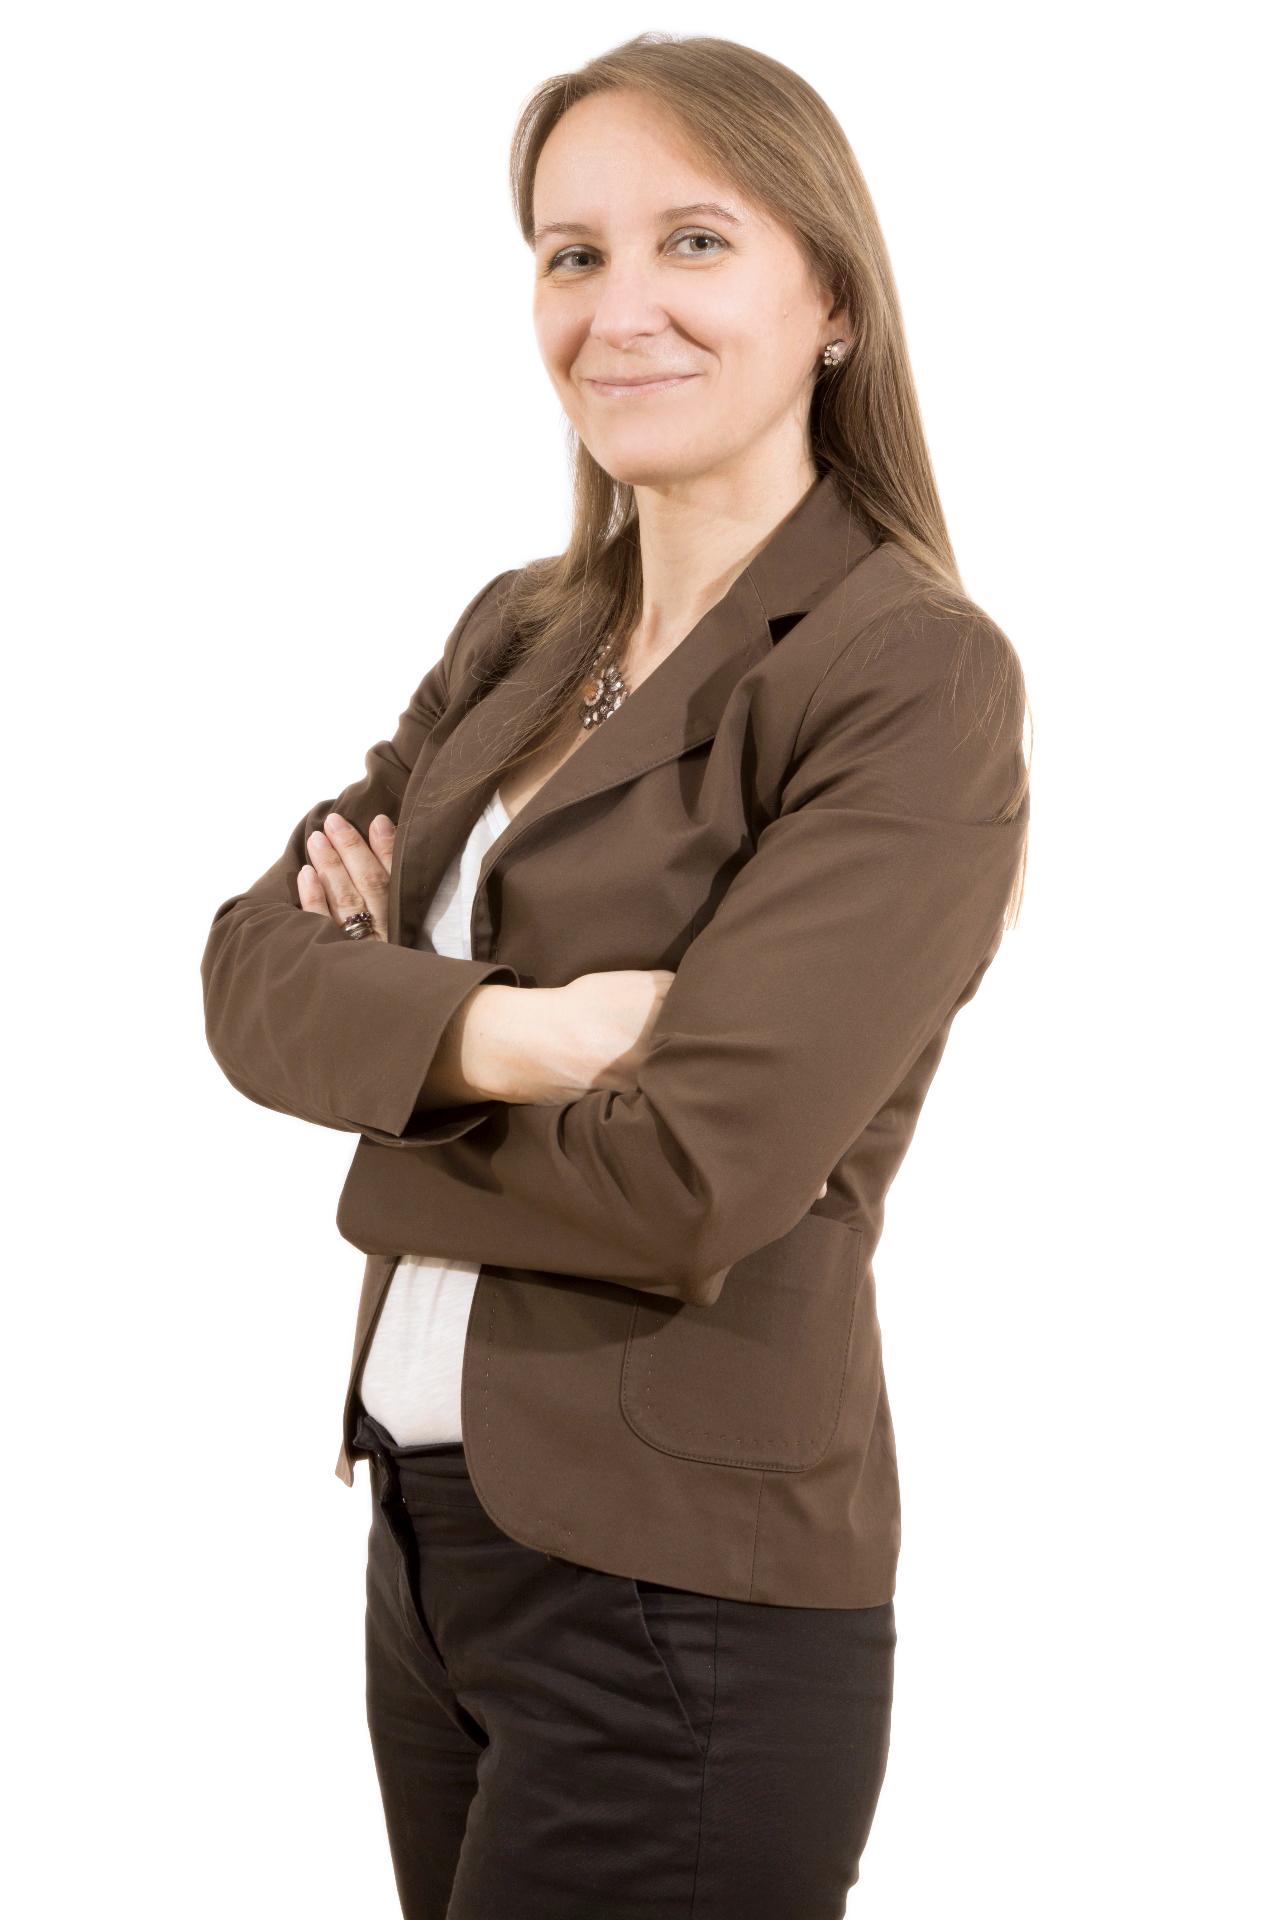 Avvocato Virginia Isabella